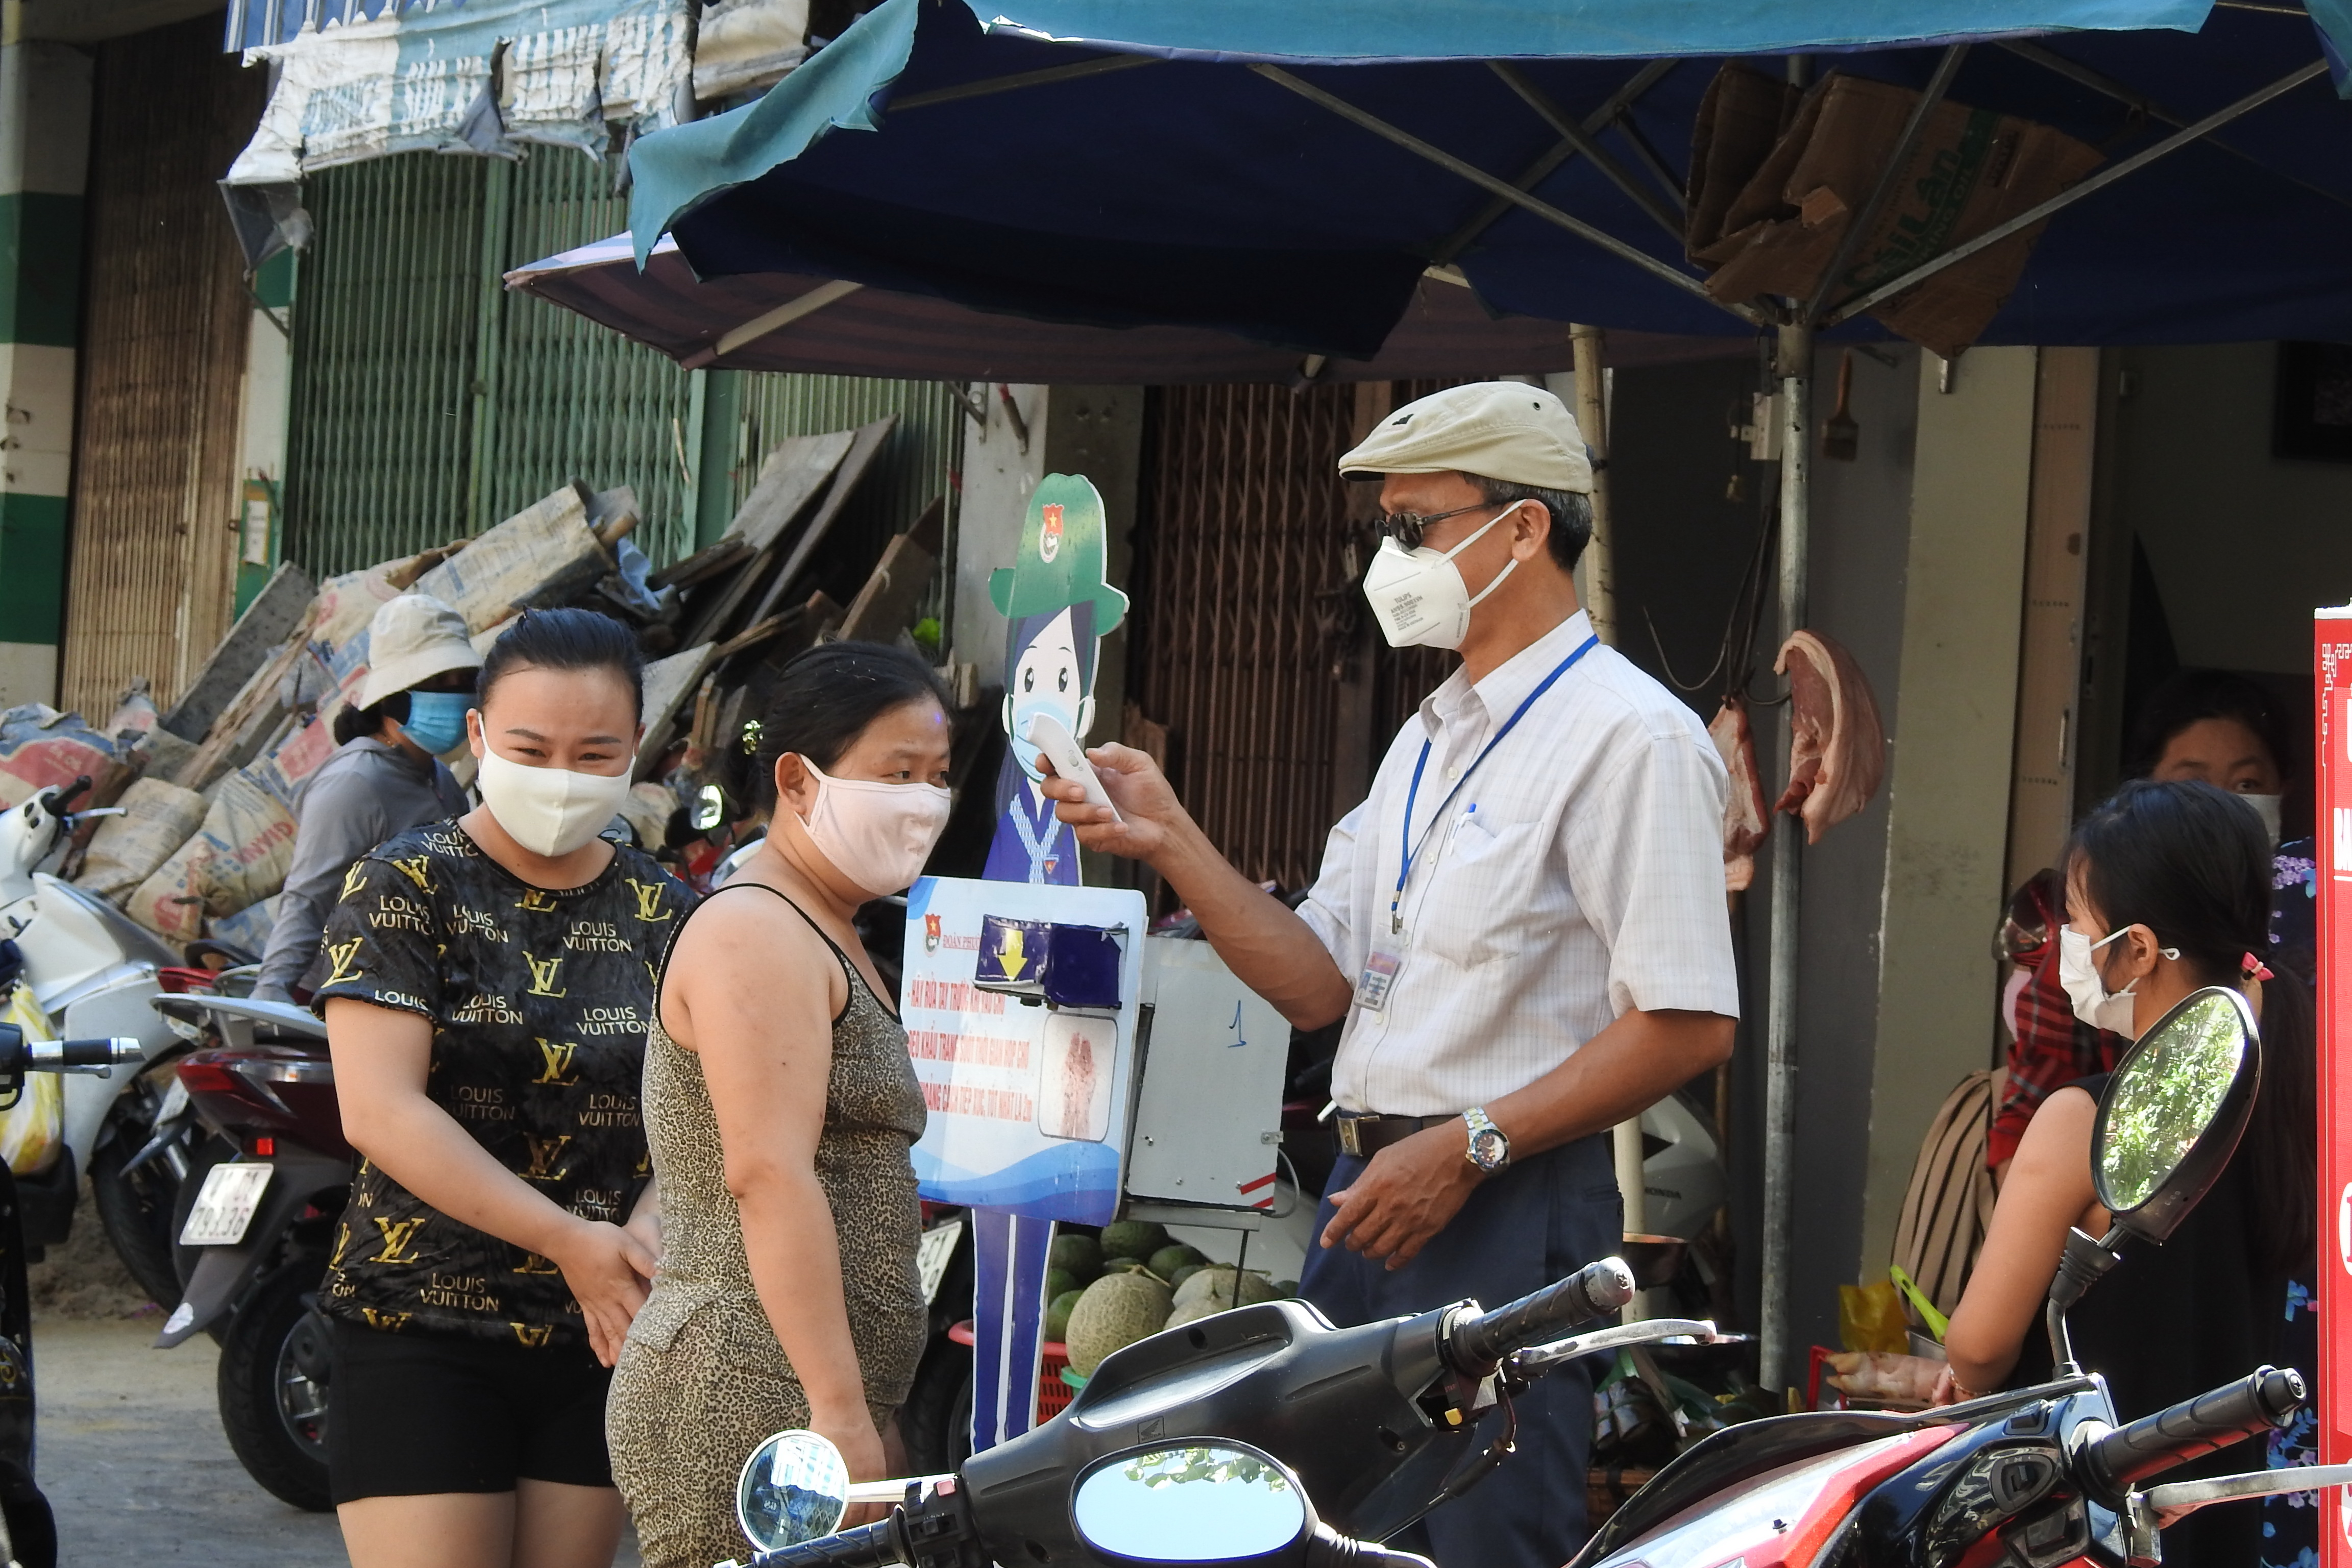 Kể từ hôm nay (12/8), ngoài việc tuân thủ đo thân nhiệt, đeo khẩu trang, rửa tay sát khuẩn; người dân Đà Nẵng phải xuất trình thẻ vào chợ cho nhân viên giám sát. Ảnh Bình Nguyên.